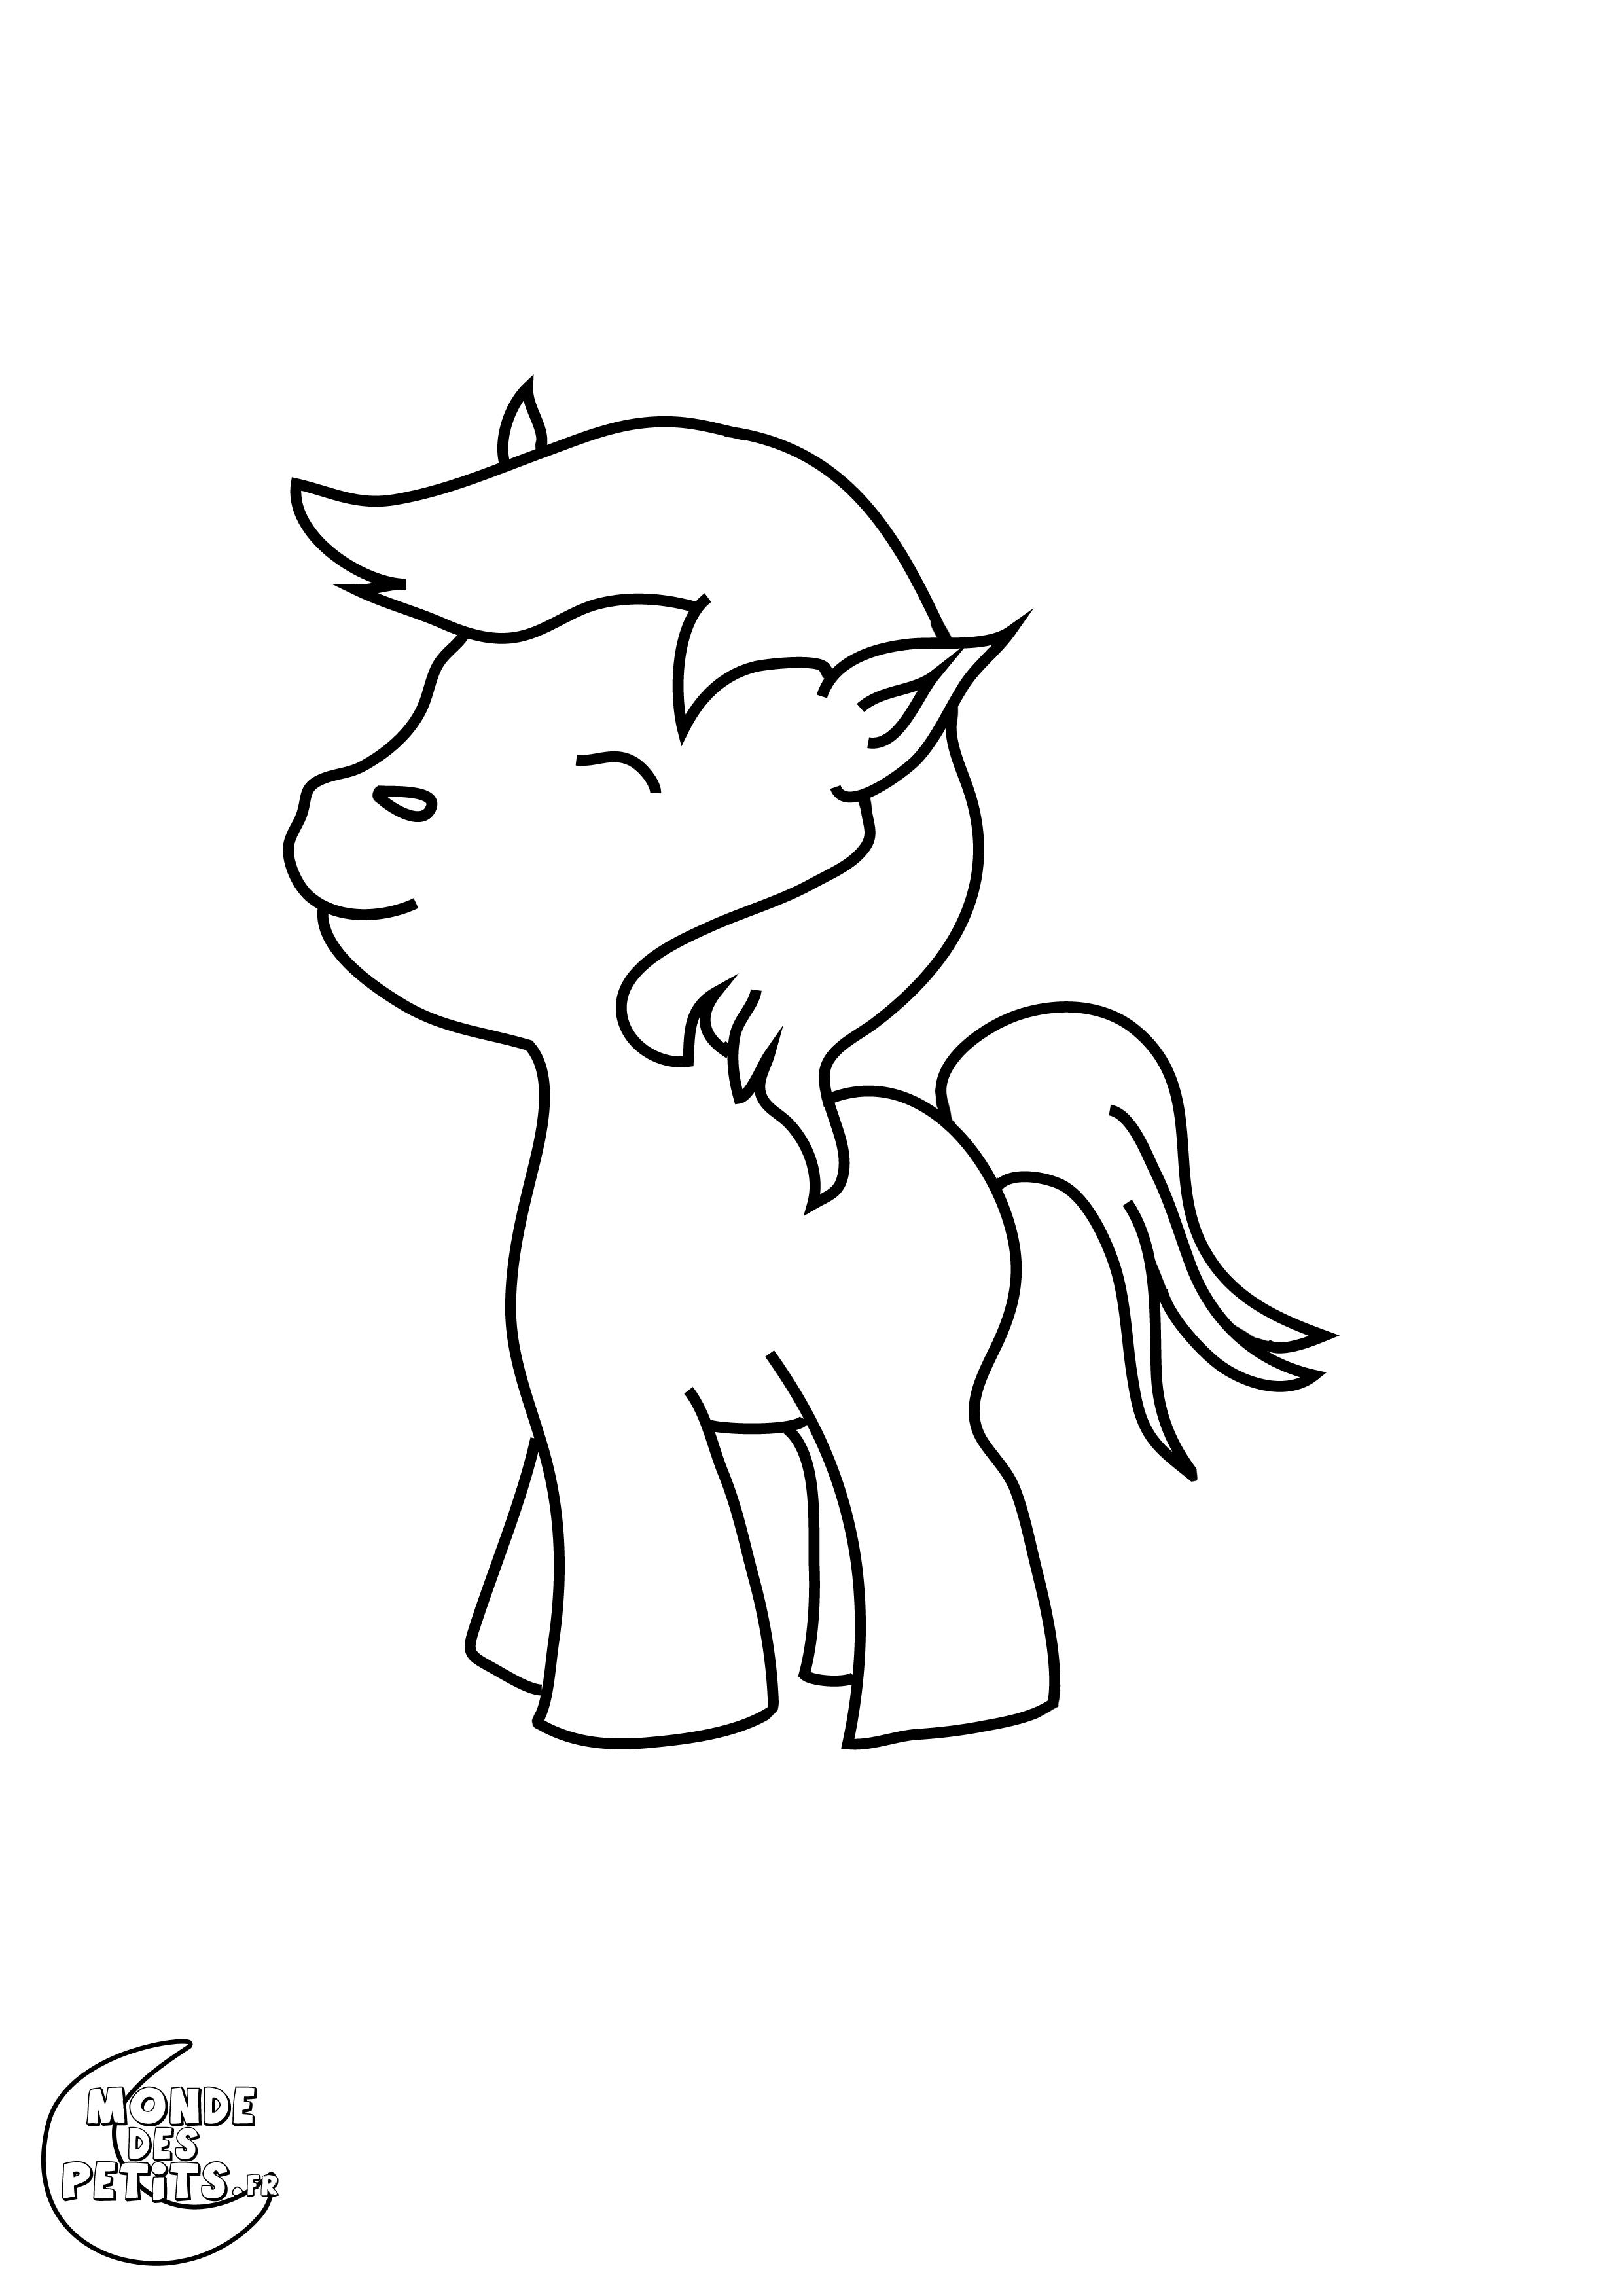 Dessin simple poney - Comment dessiner un poney ...